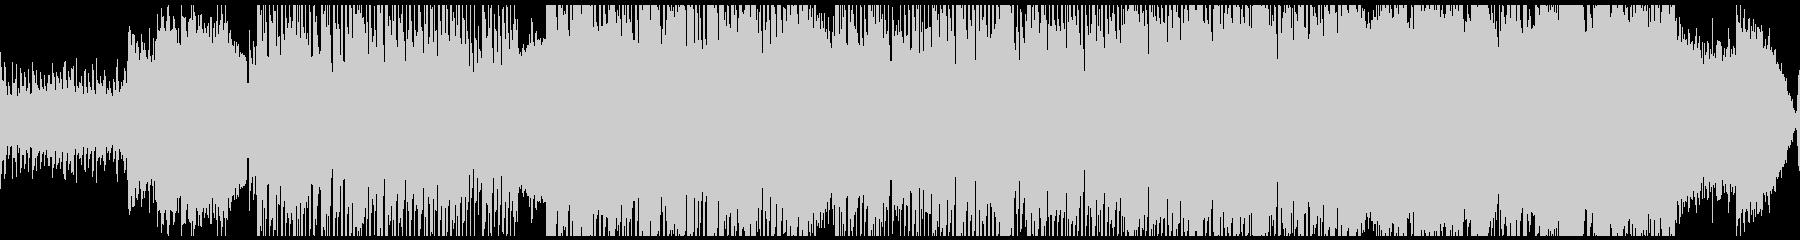 賑やかなオリエンタル曲(ループ)の未再生の波形